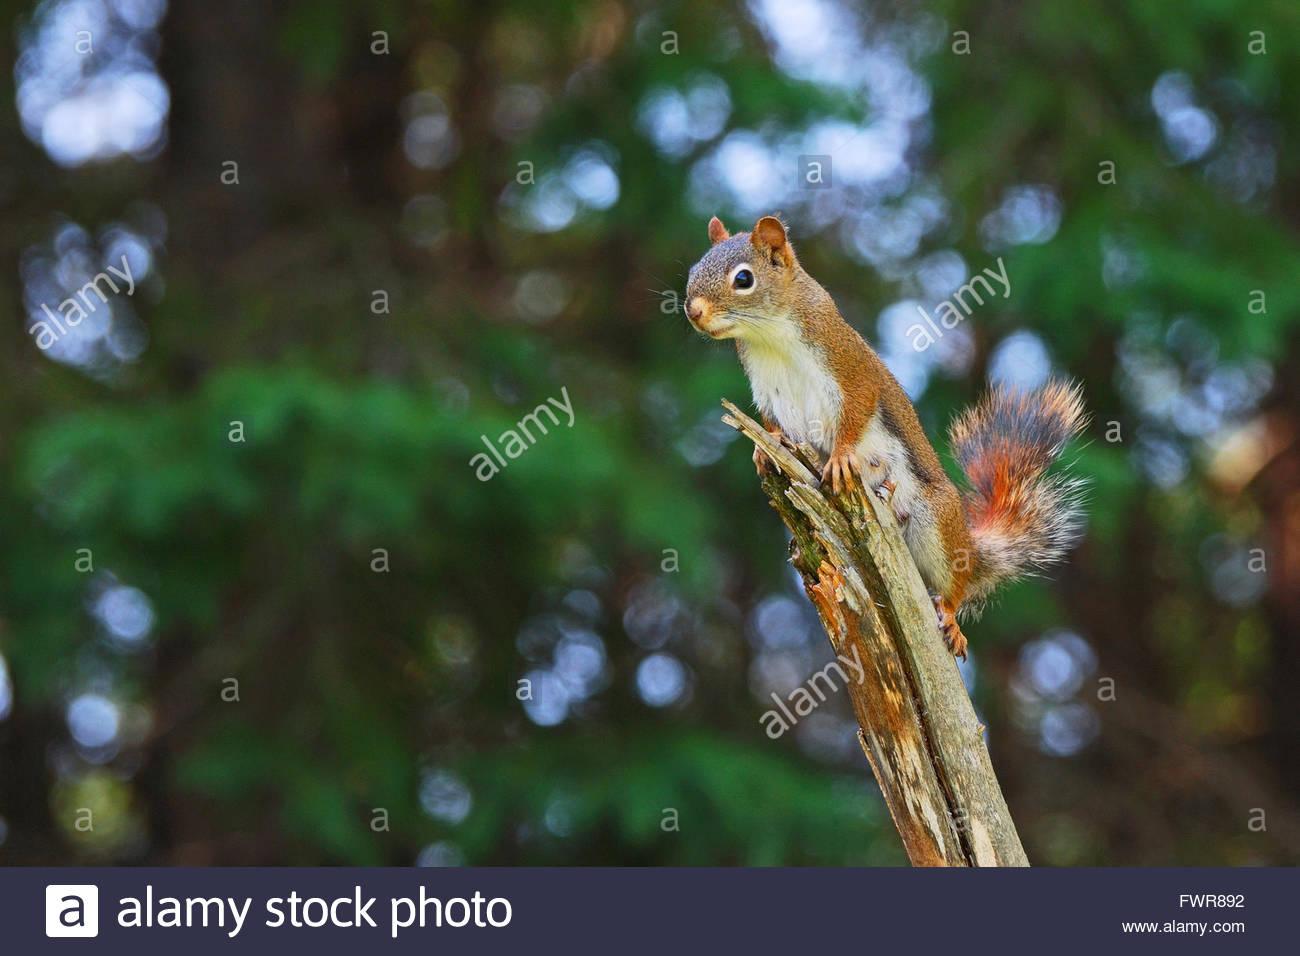 Wege, um eine weibliche Eichhörnchen zu machen